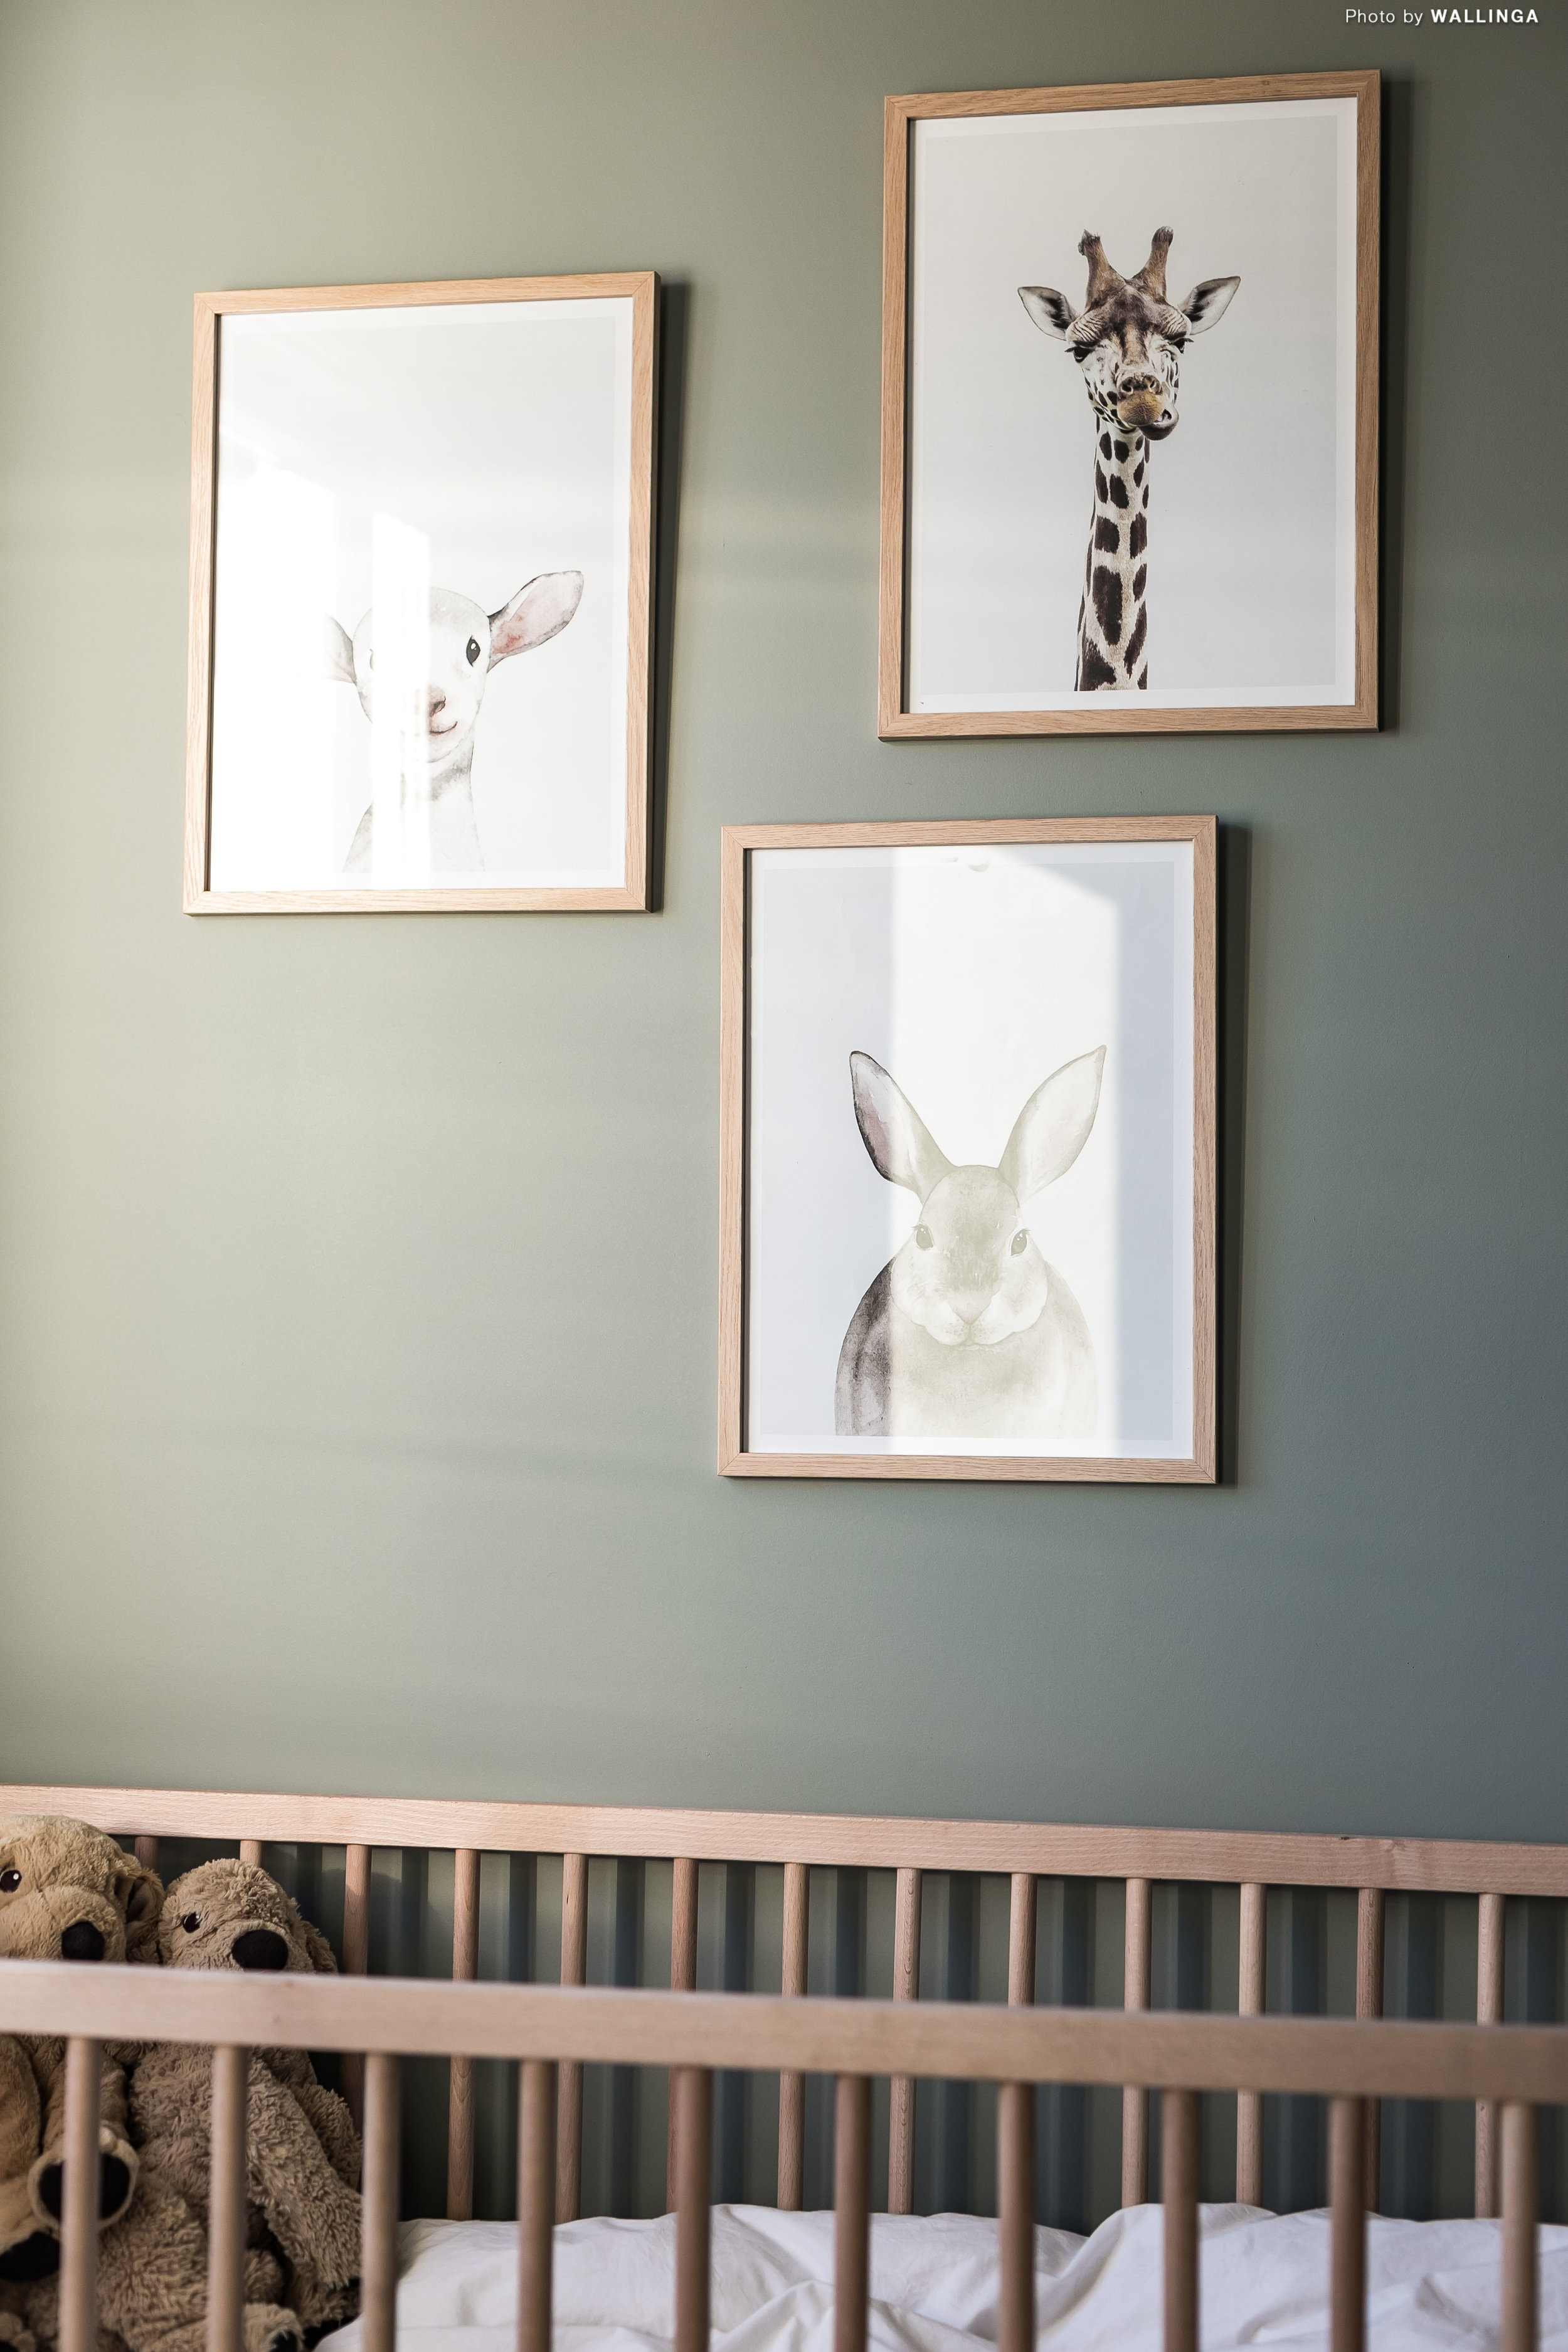 fotograf wallinga deko interior (19).jpg